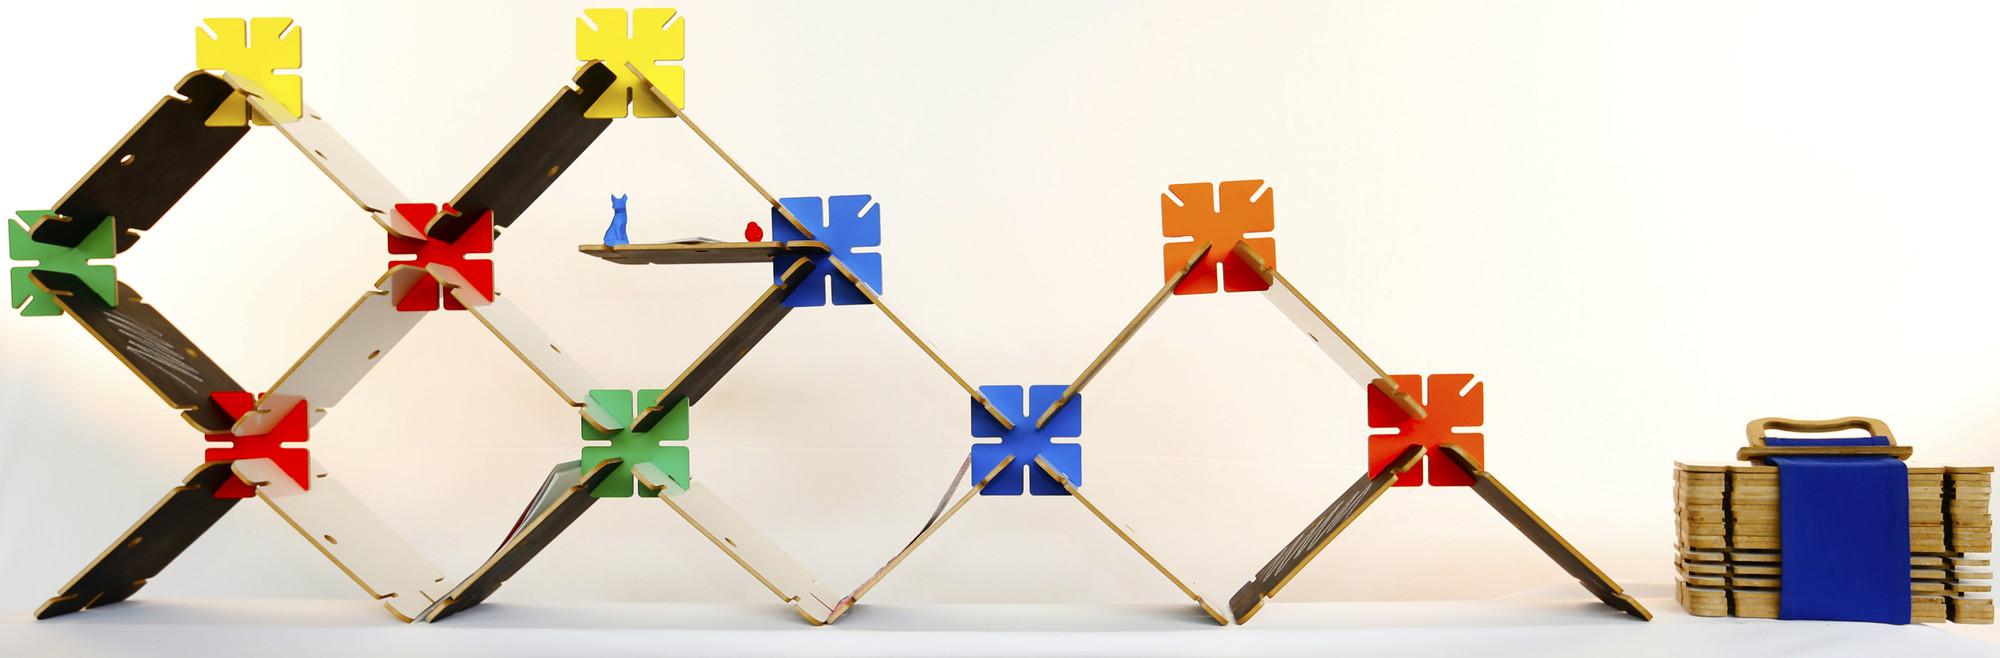 Ganadores Concurso Masisa: 10 muebles modulares y versátiles para la vida actual, Benoit / Daniel Veloso, Tatiana Jorquera y Camila Fernandez. Image Courtesy of Masisa